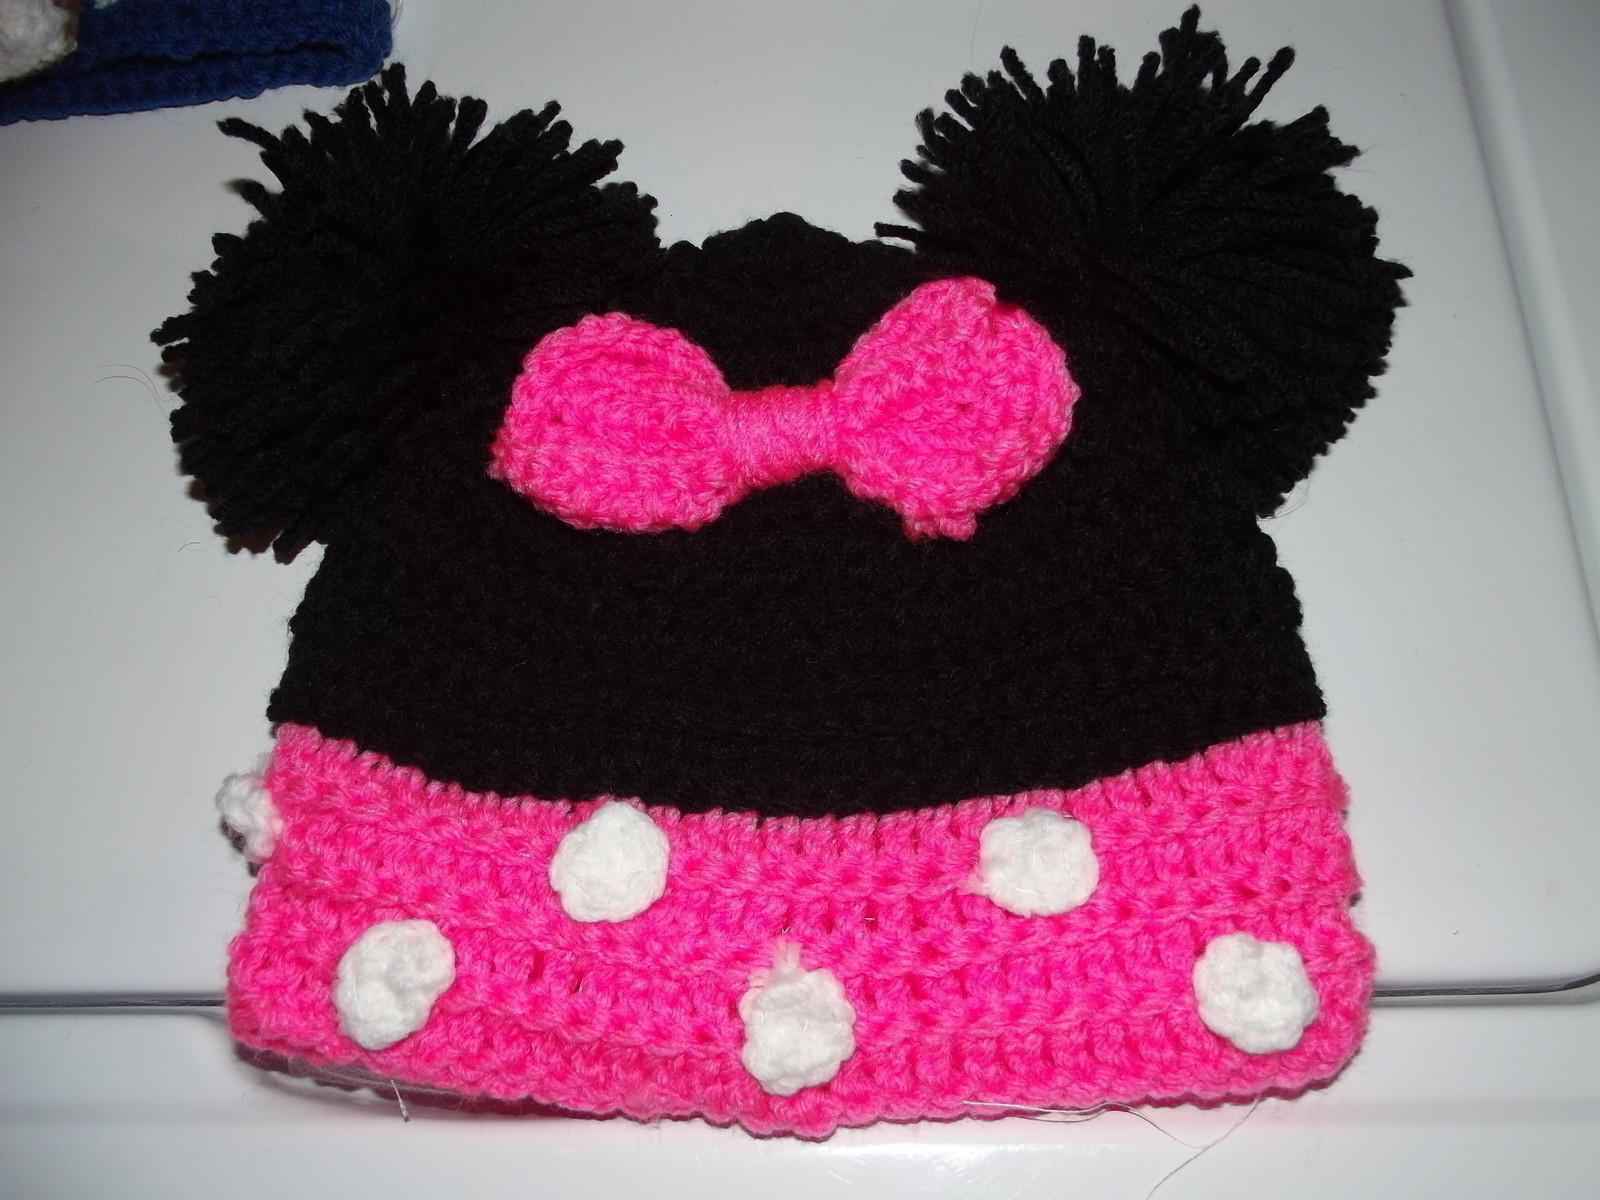 Mütze mit Pompoms - ein echter Klassiker